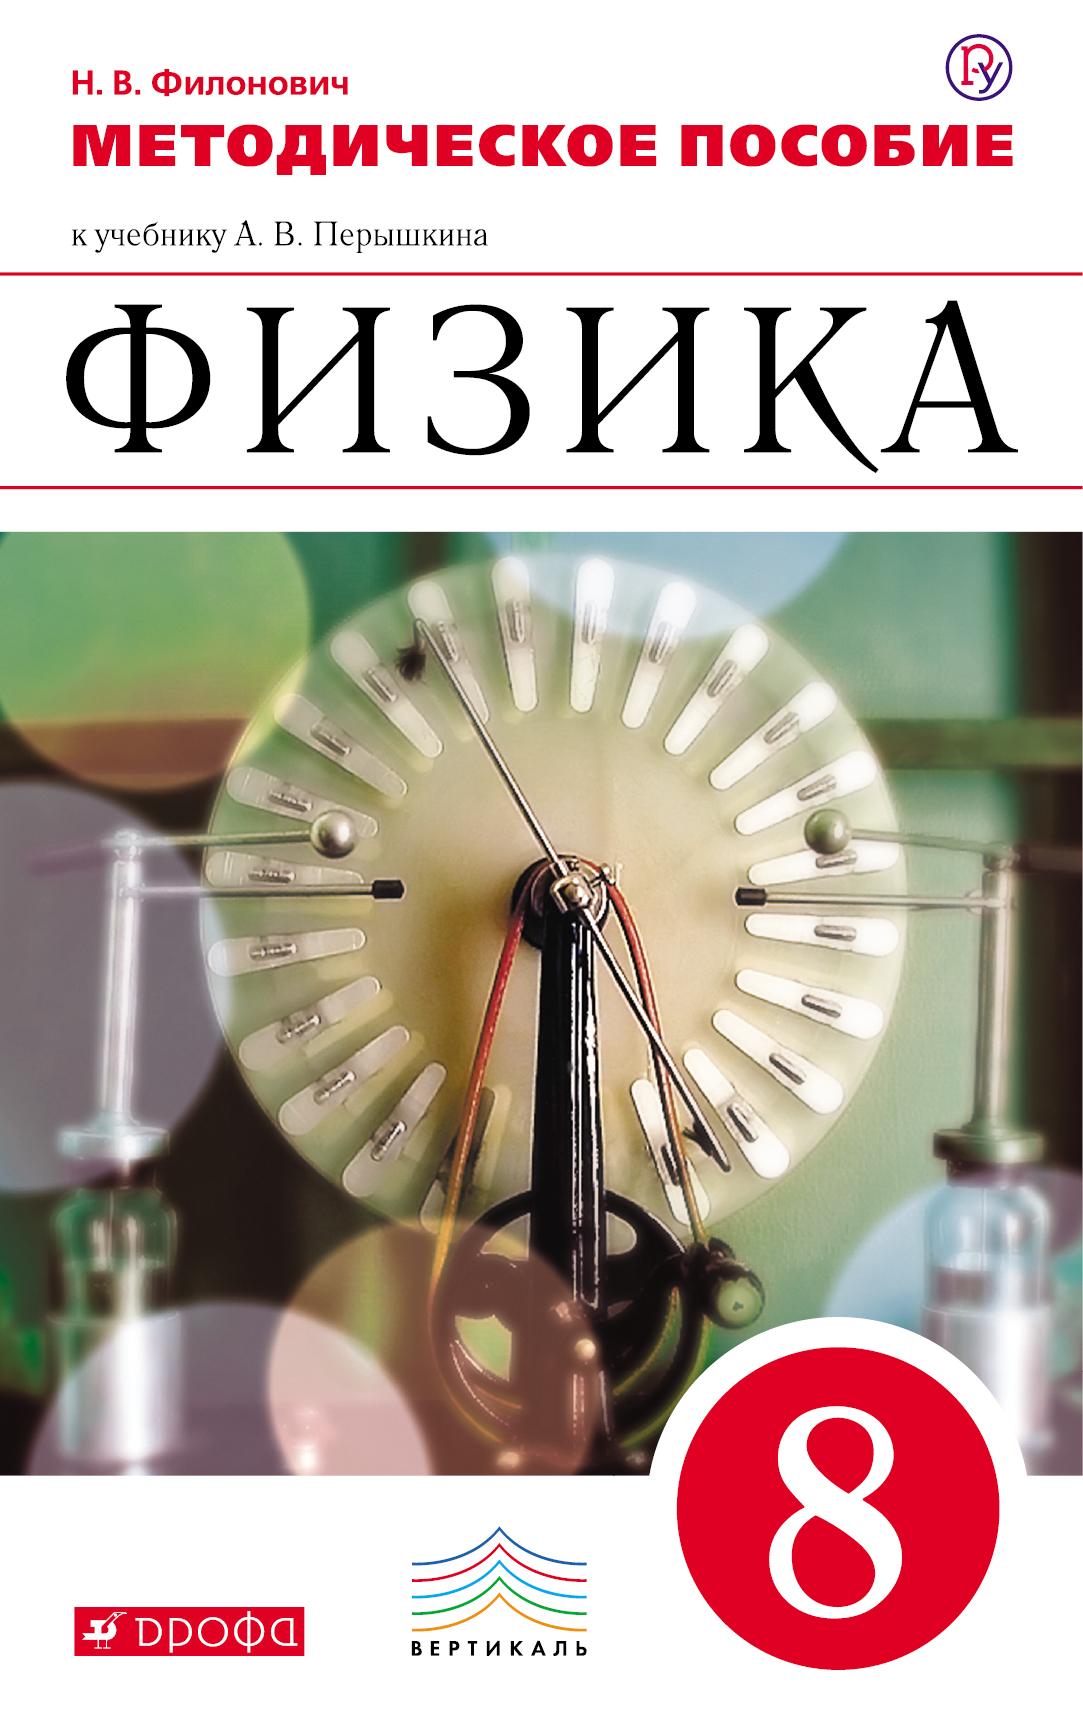 Филонович Н.В. Физика. 8 класс. Методическое пособие н в филонович физика 8 класс методическое пособие isbn 978 5 358 19568 4